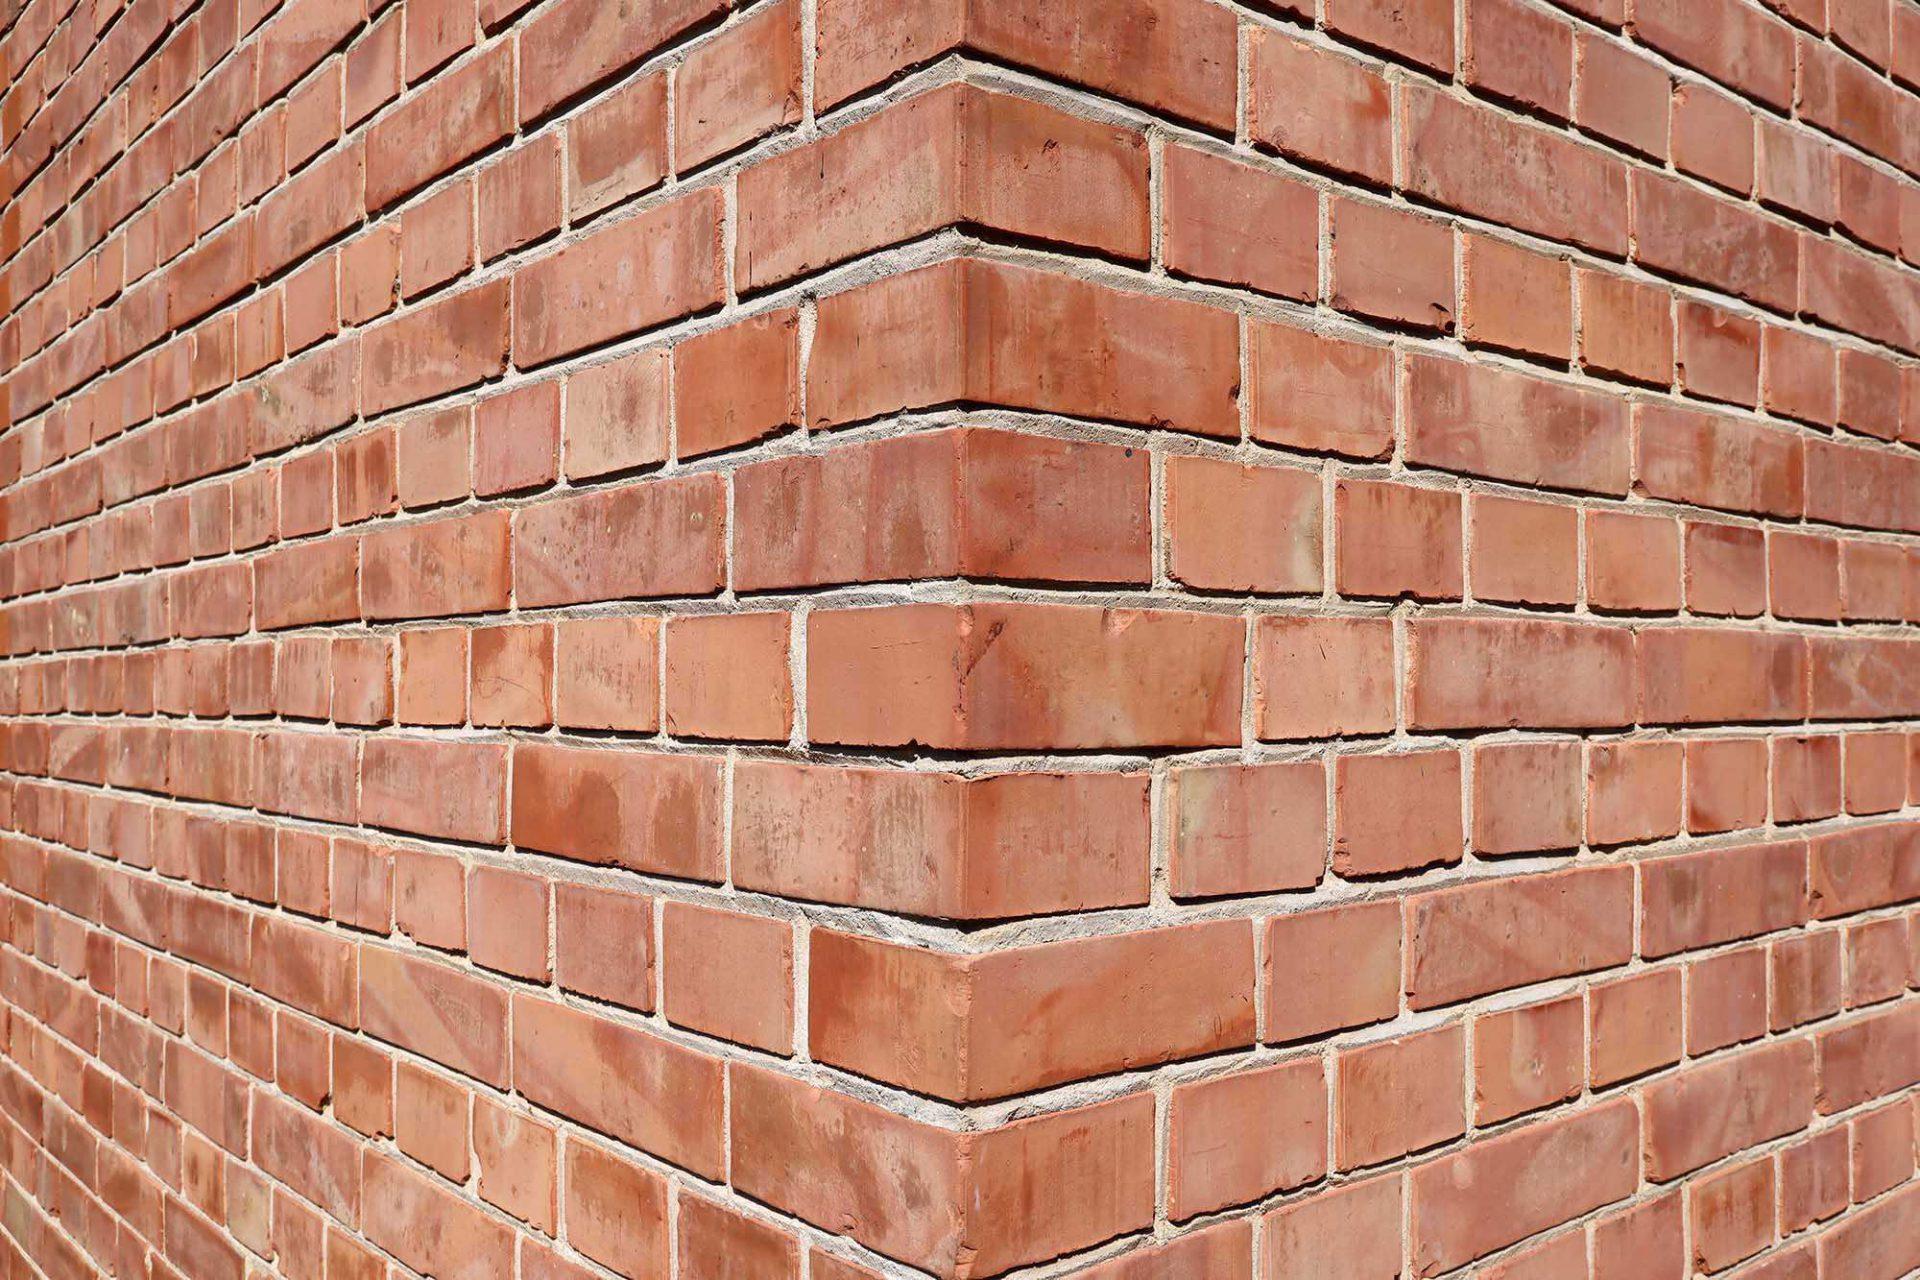 Mies van der Rohe Haus. Für die Oberfläche des Haus Lemke wählte Mies einen einfachen, rotbunten Ziegel, der stellvertretend für die minimalistischen Mittel steht mit denen der Architekt das Haus umsetzte.